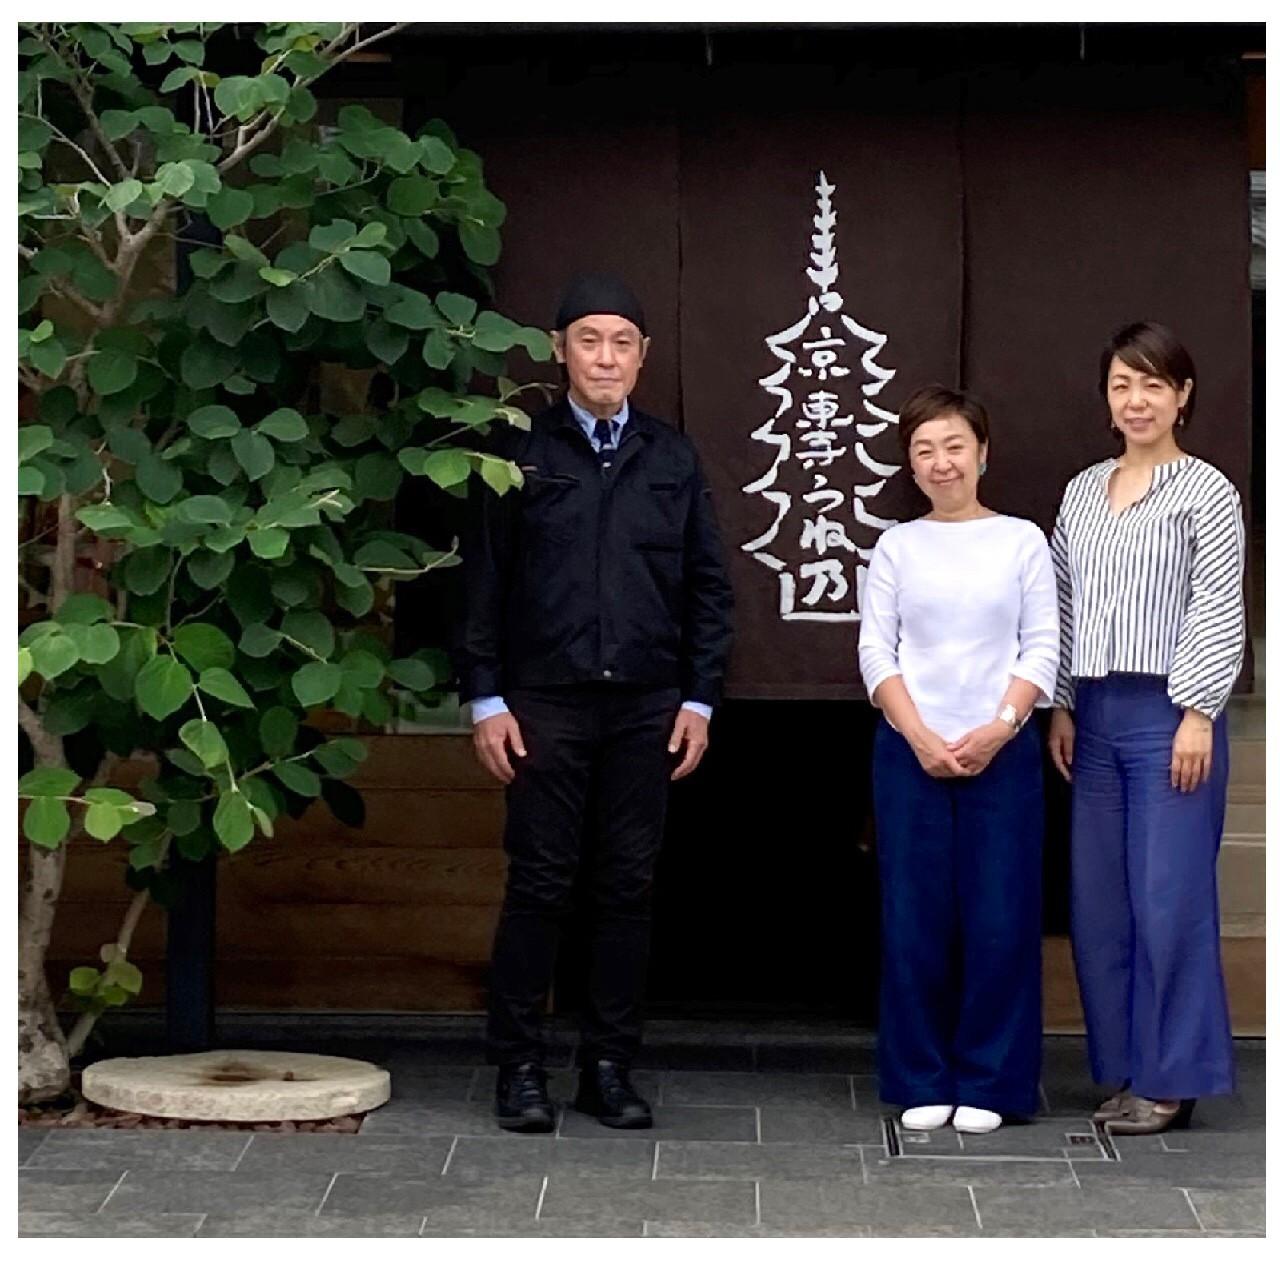 #3 trip kyoto